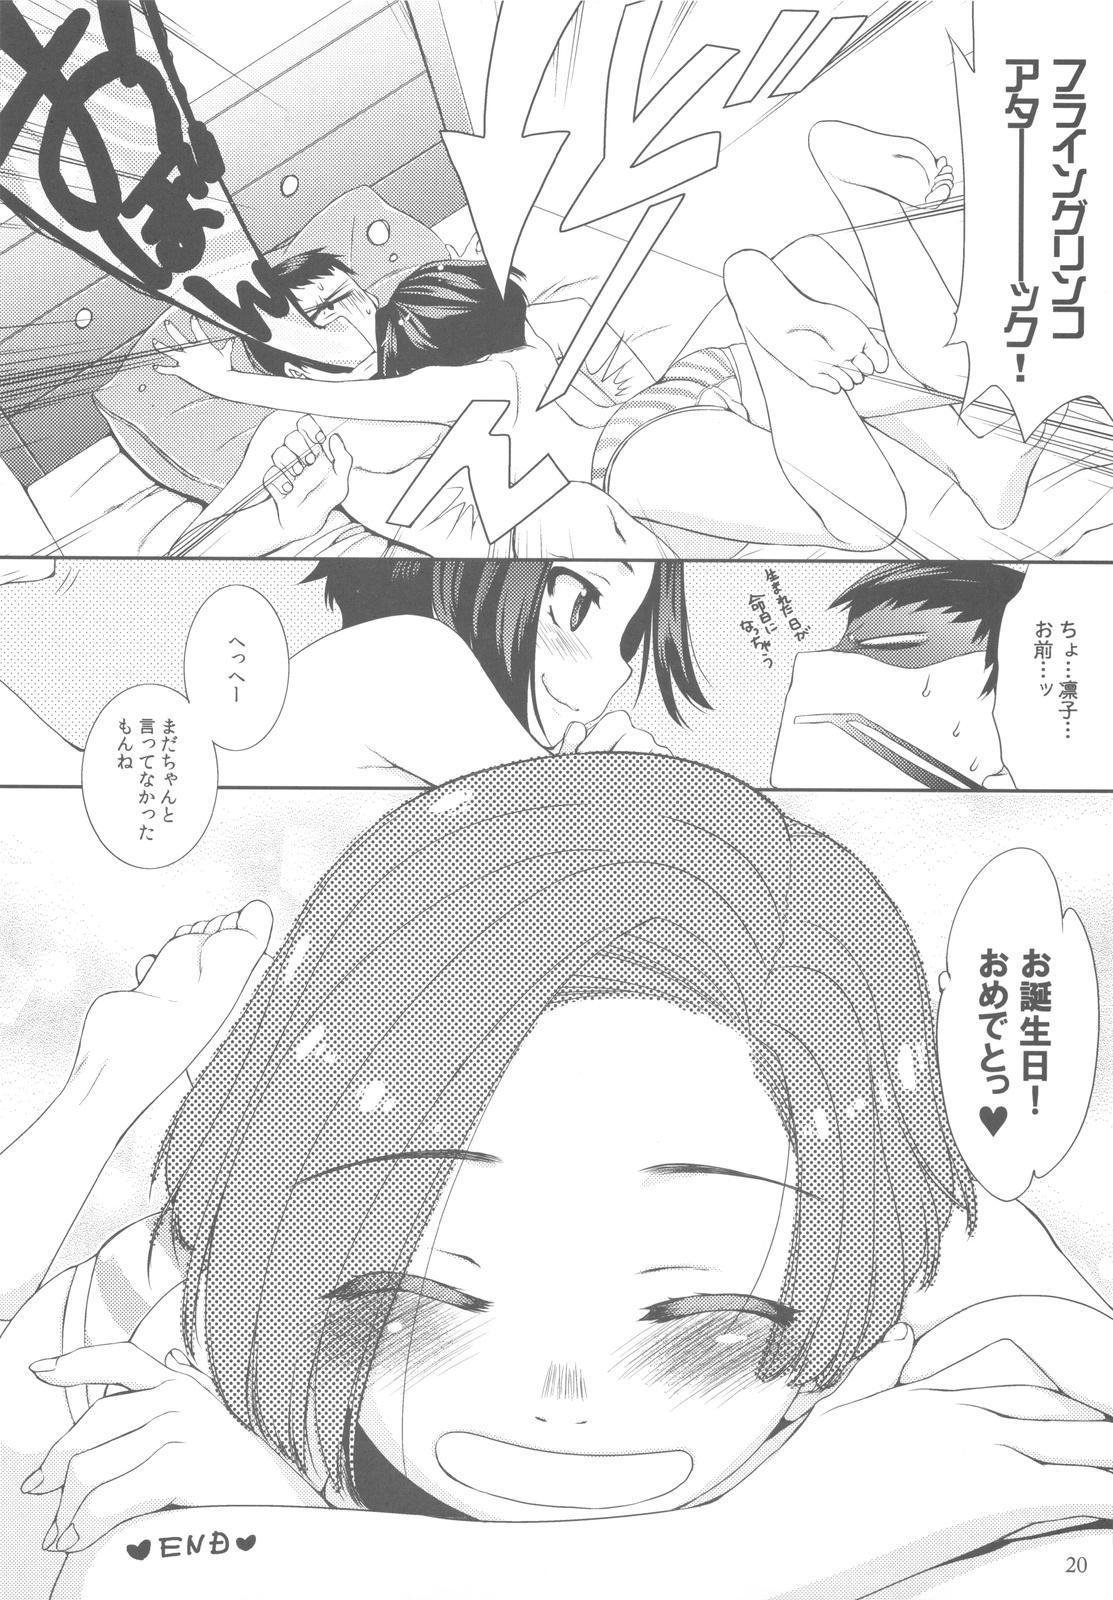 Shiyouyo 19